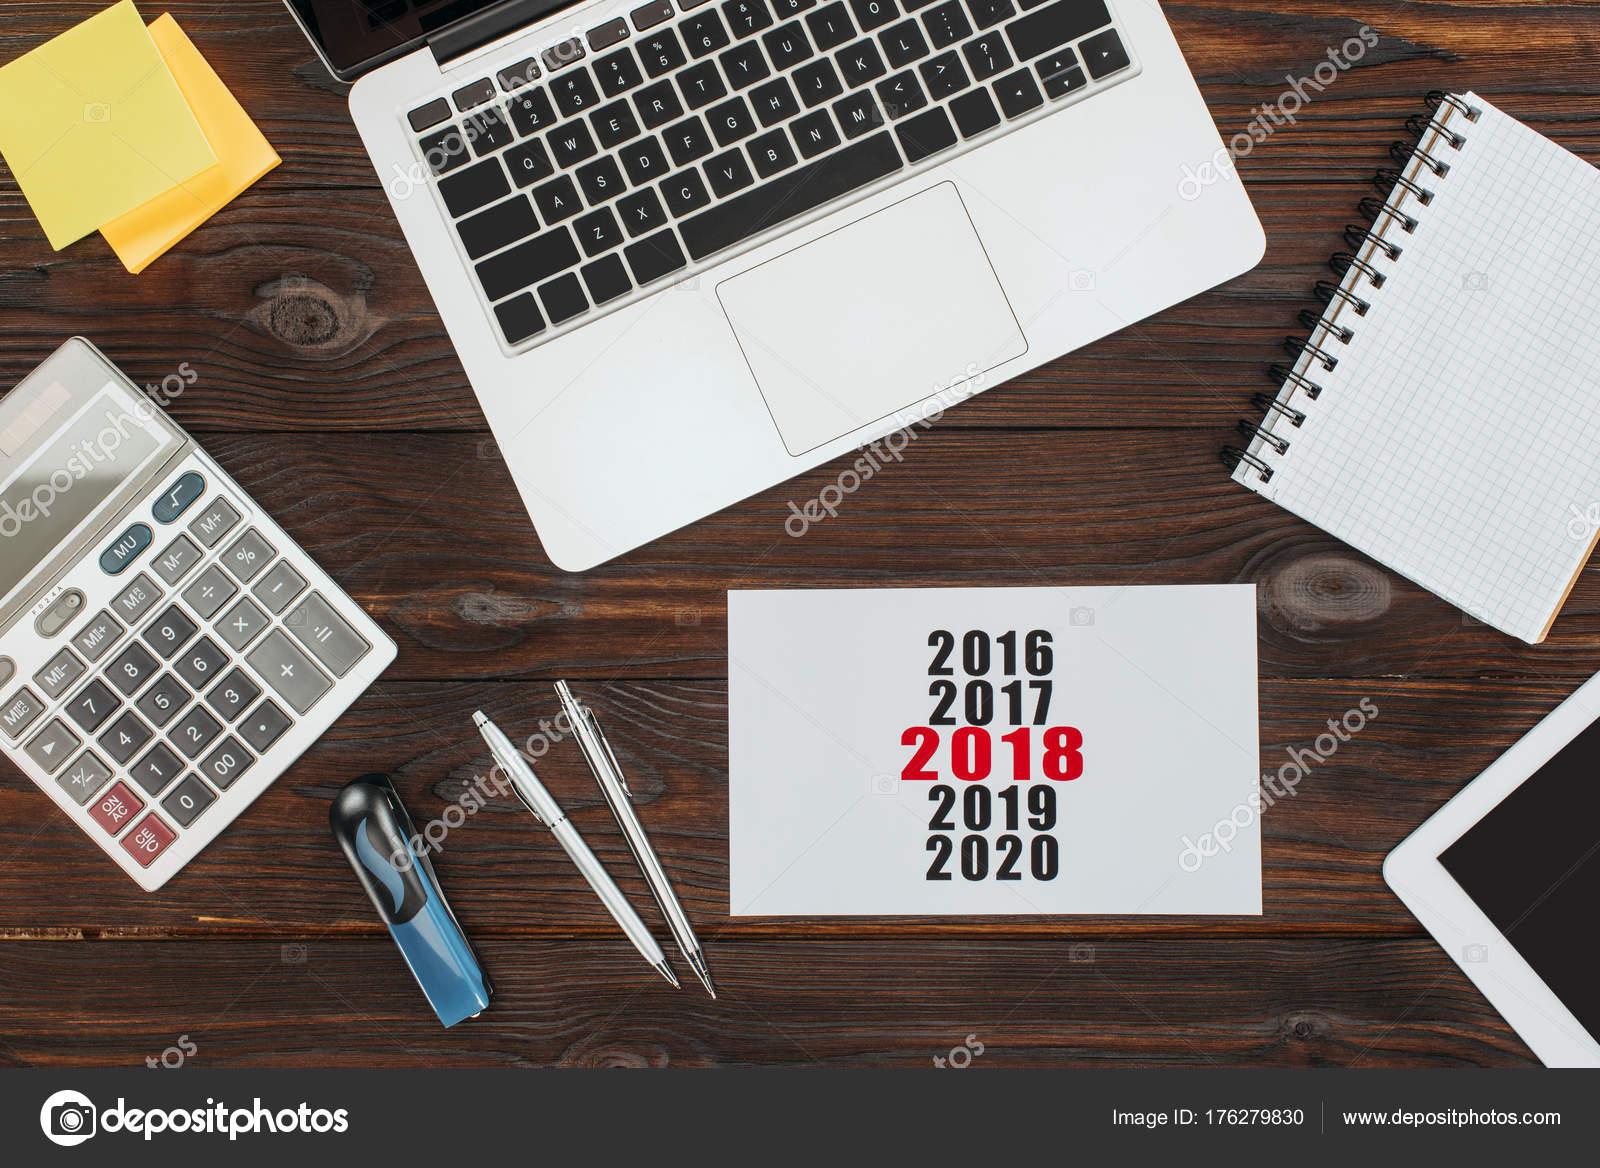 bovenaanzicht van digitale apparaten kantoorartikelen 2018 kalenderbovenaanzicht van digitale apparaten kantoorartikelen 2018 kalender houten oppervlak \u2014 stockfoto